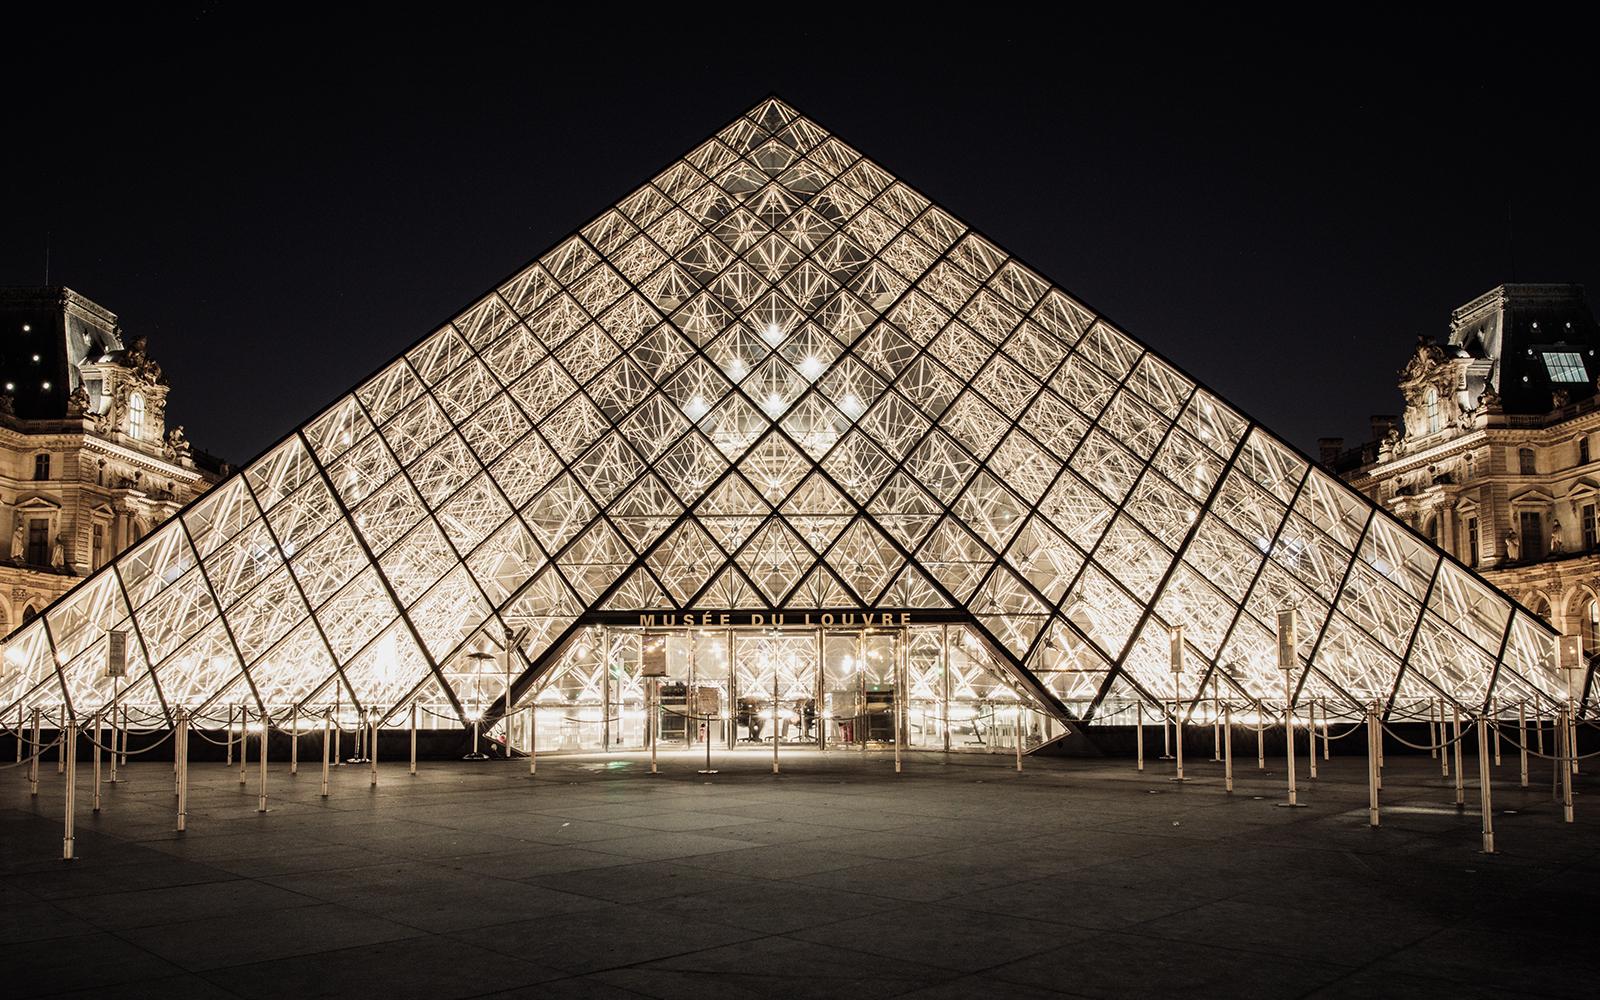 Salon des Beaux Arts at Louvre